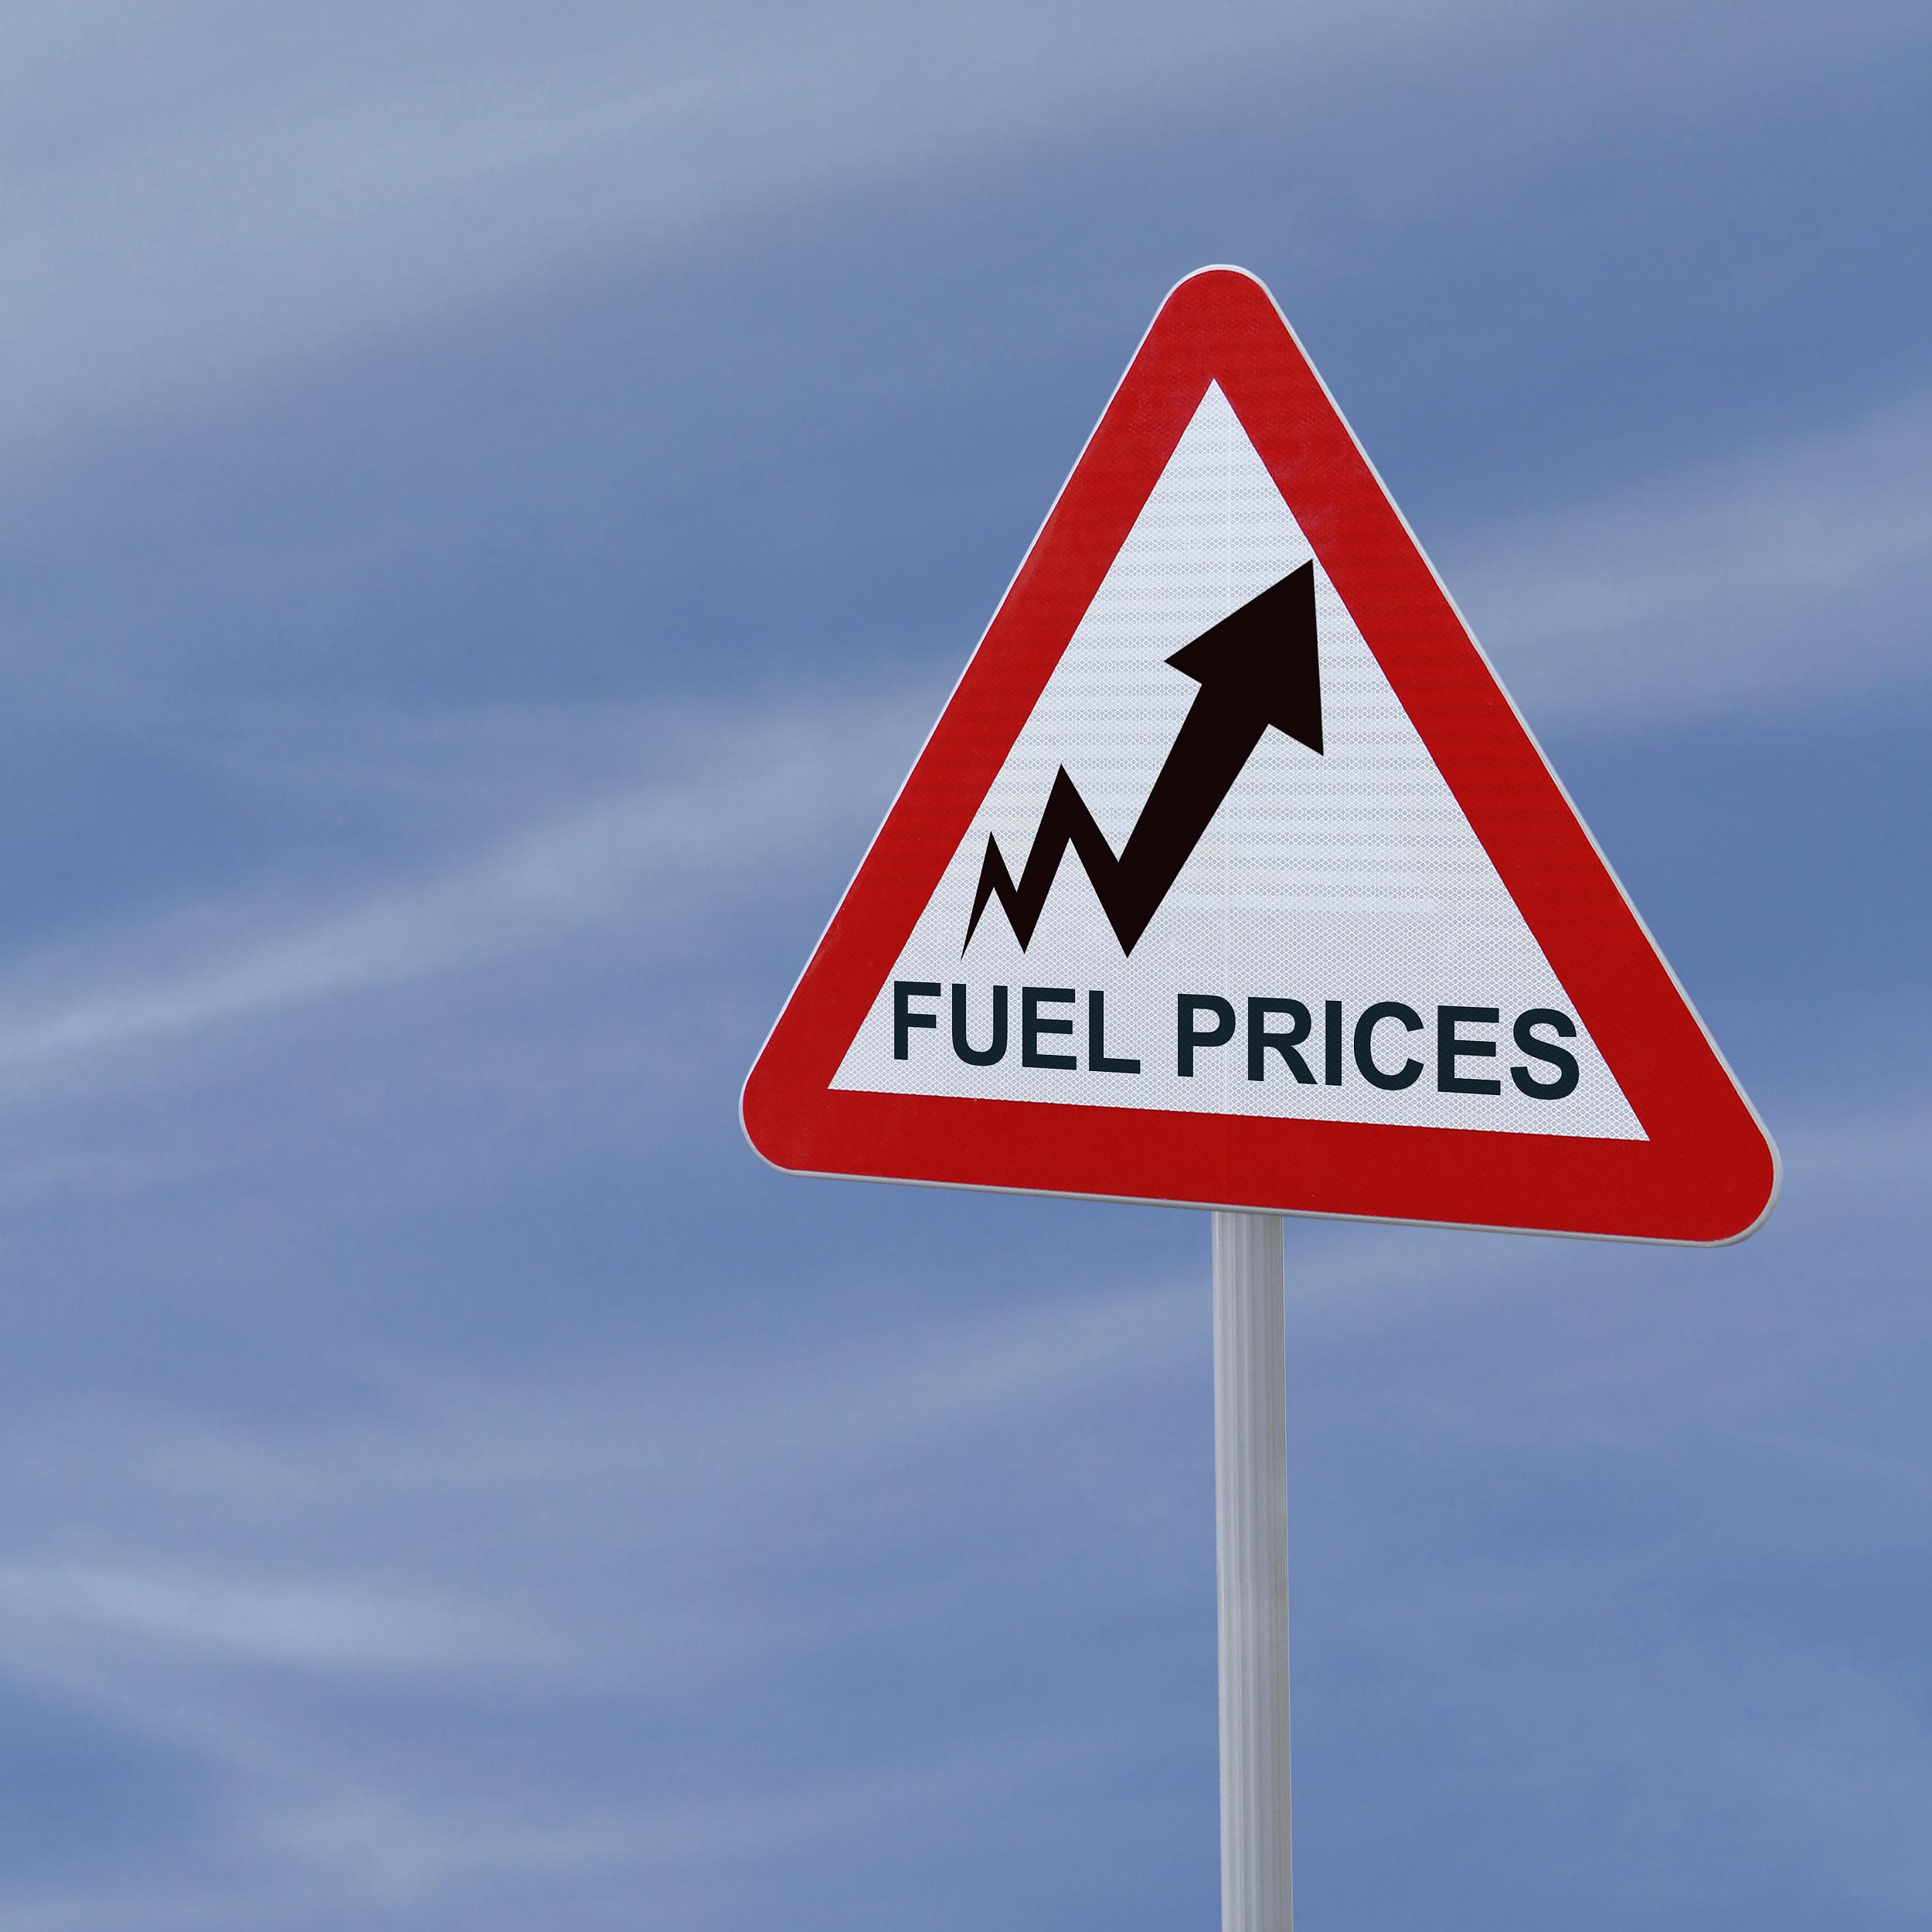 美国原油库存很快就要见底了 全球能源荒恐继续恶化